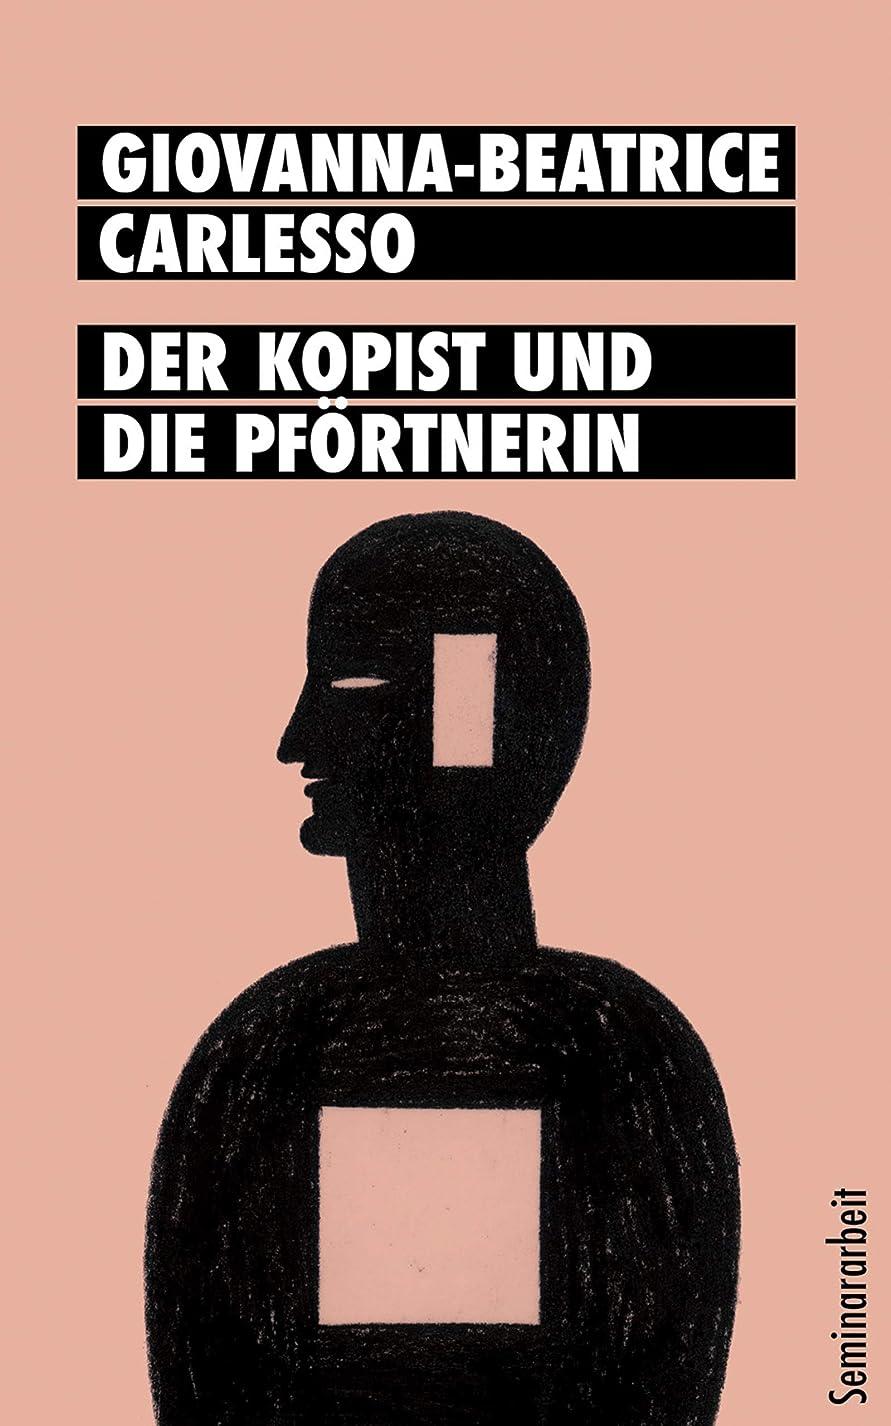 書き出すペレット意気込みDer Kopist und die Pf?rtnerin: Nikolaj Gogols ?Mantel? und die fünfte Kurzgeschichte der ?33 Augenblicke des Glücks? von Ingo Schulze (German Edition)